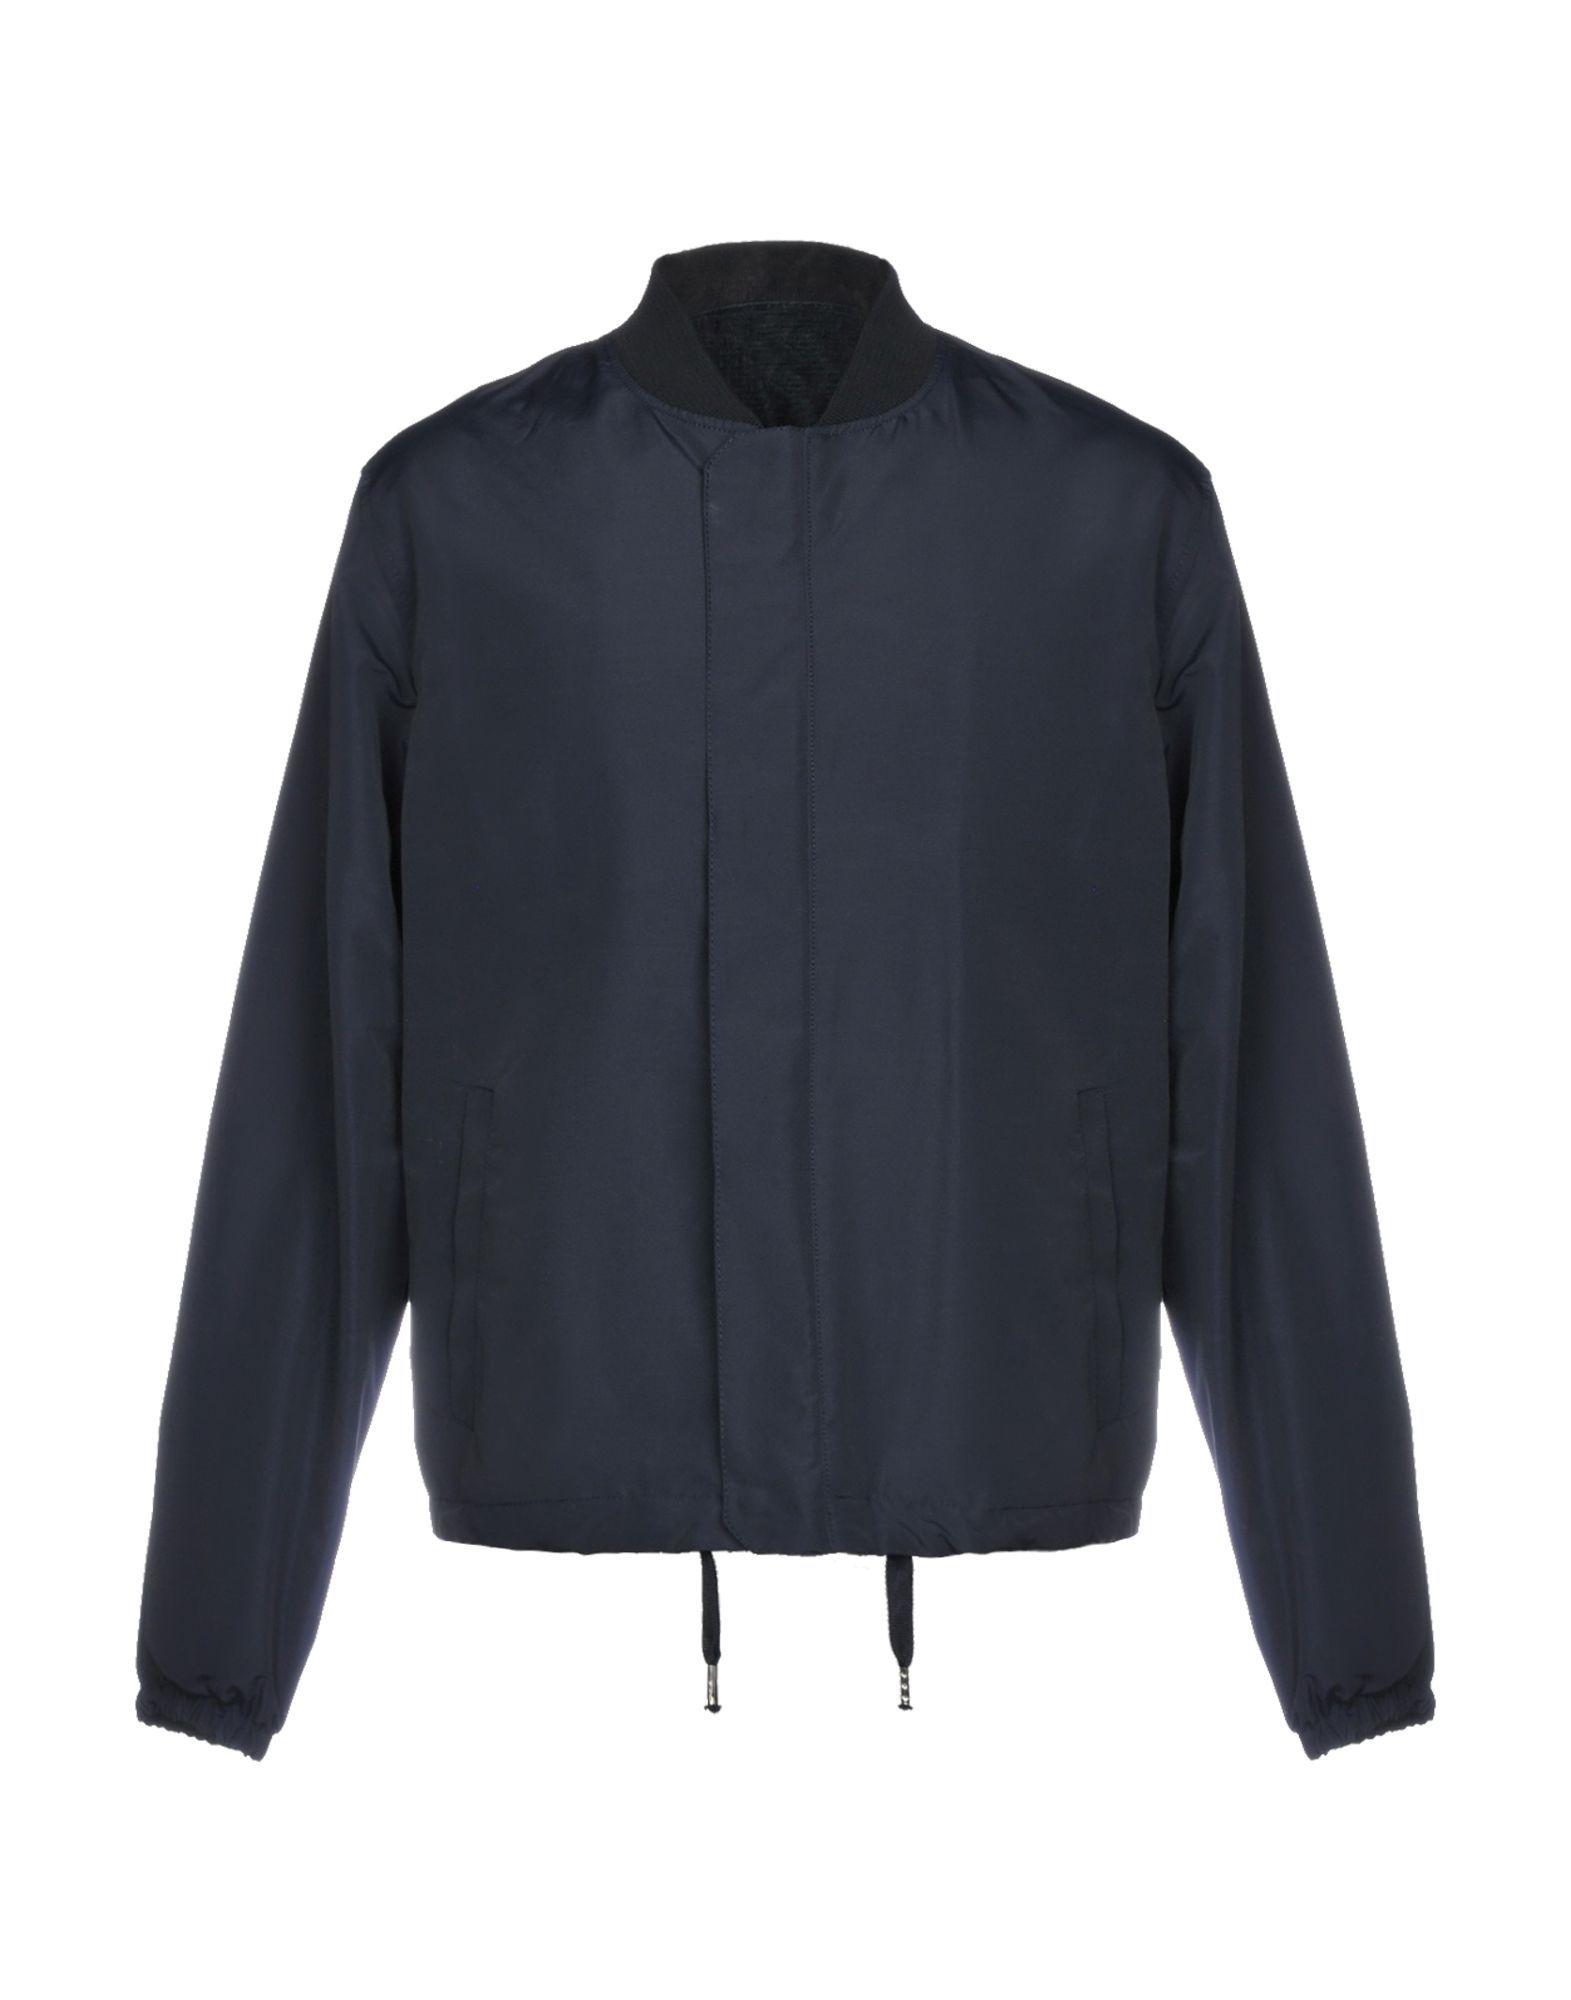 Brian Dales Dark Blue Cotton Jacket